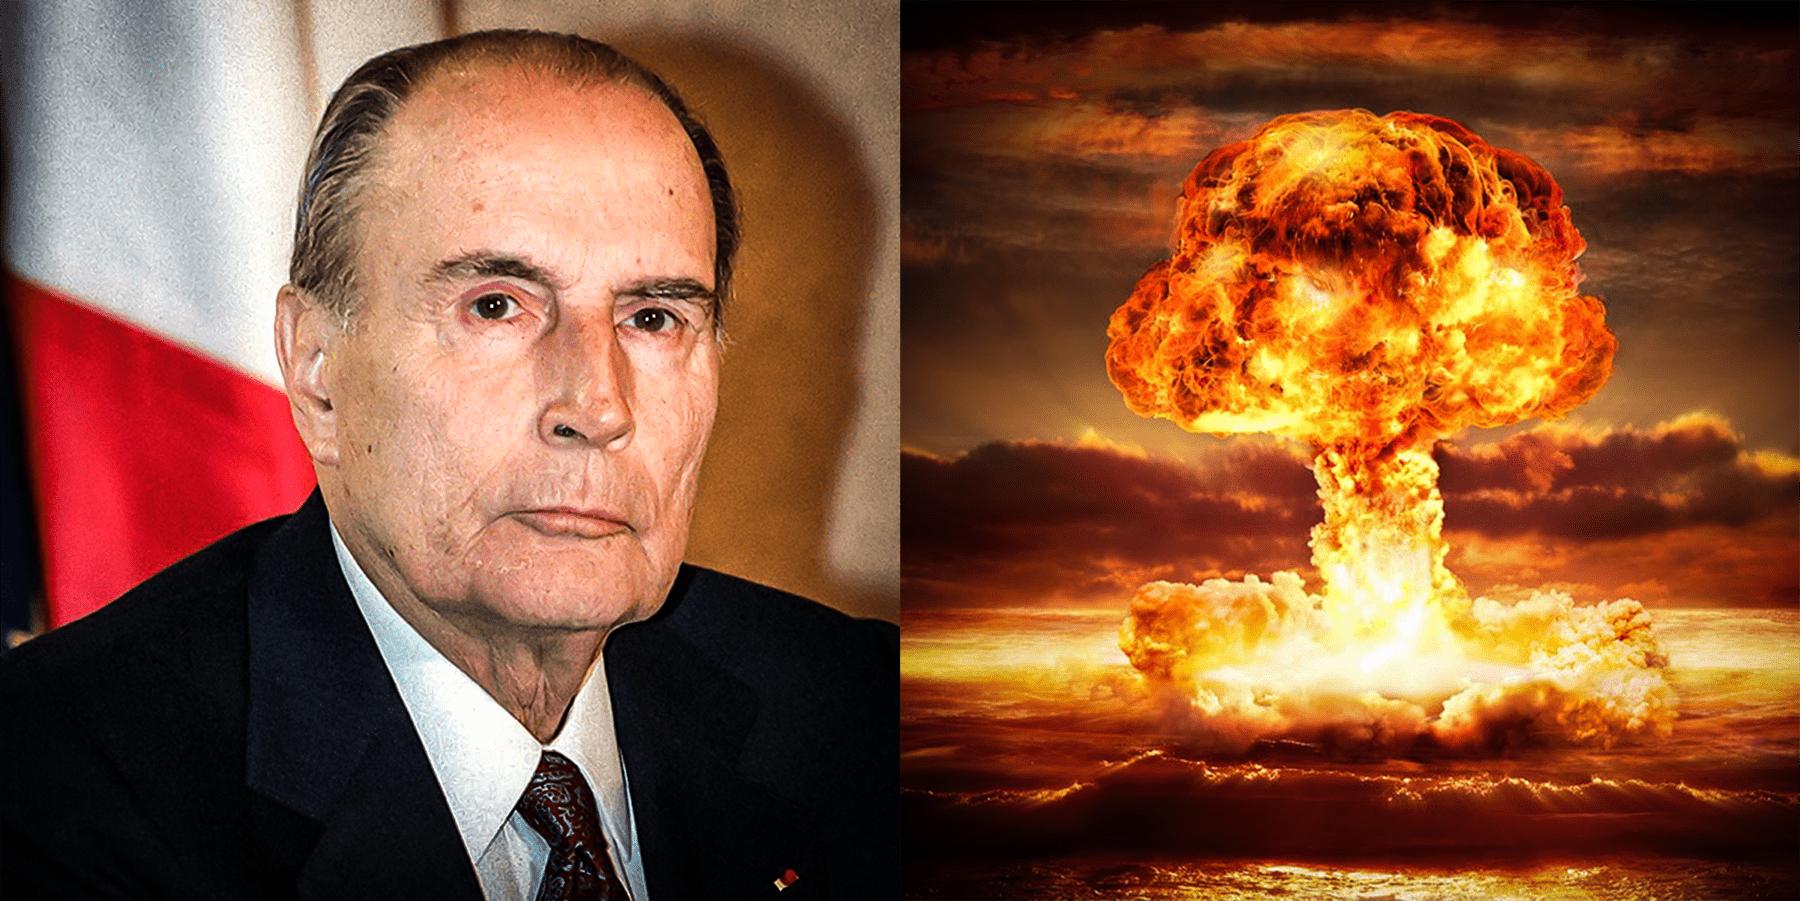 Le jour où François Mitterrand a perdu les codes nucléaires